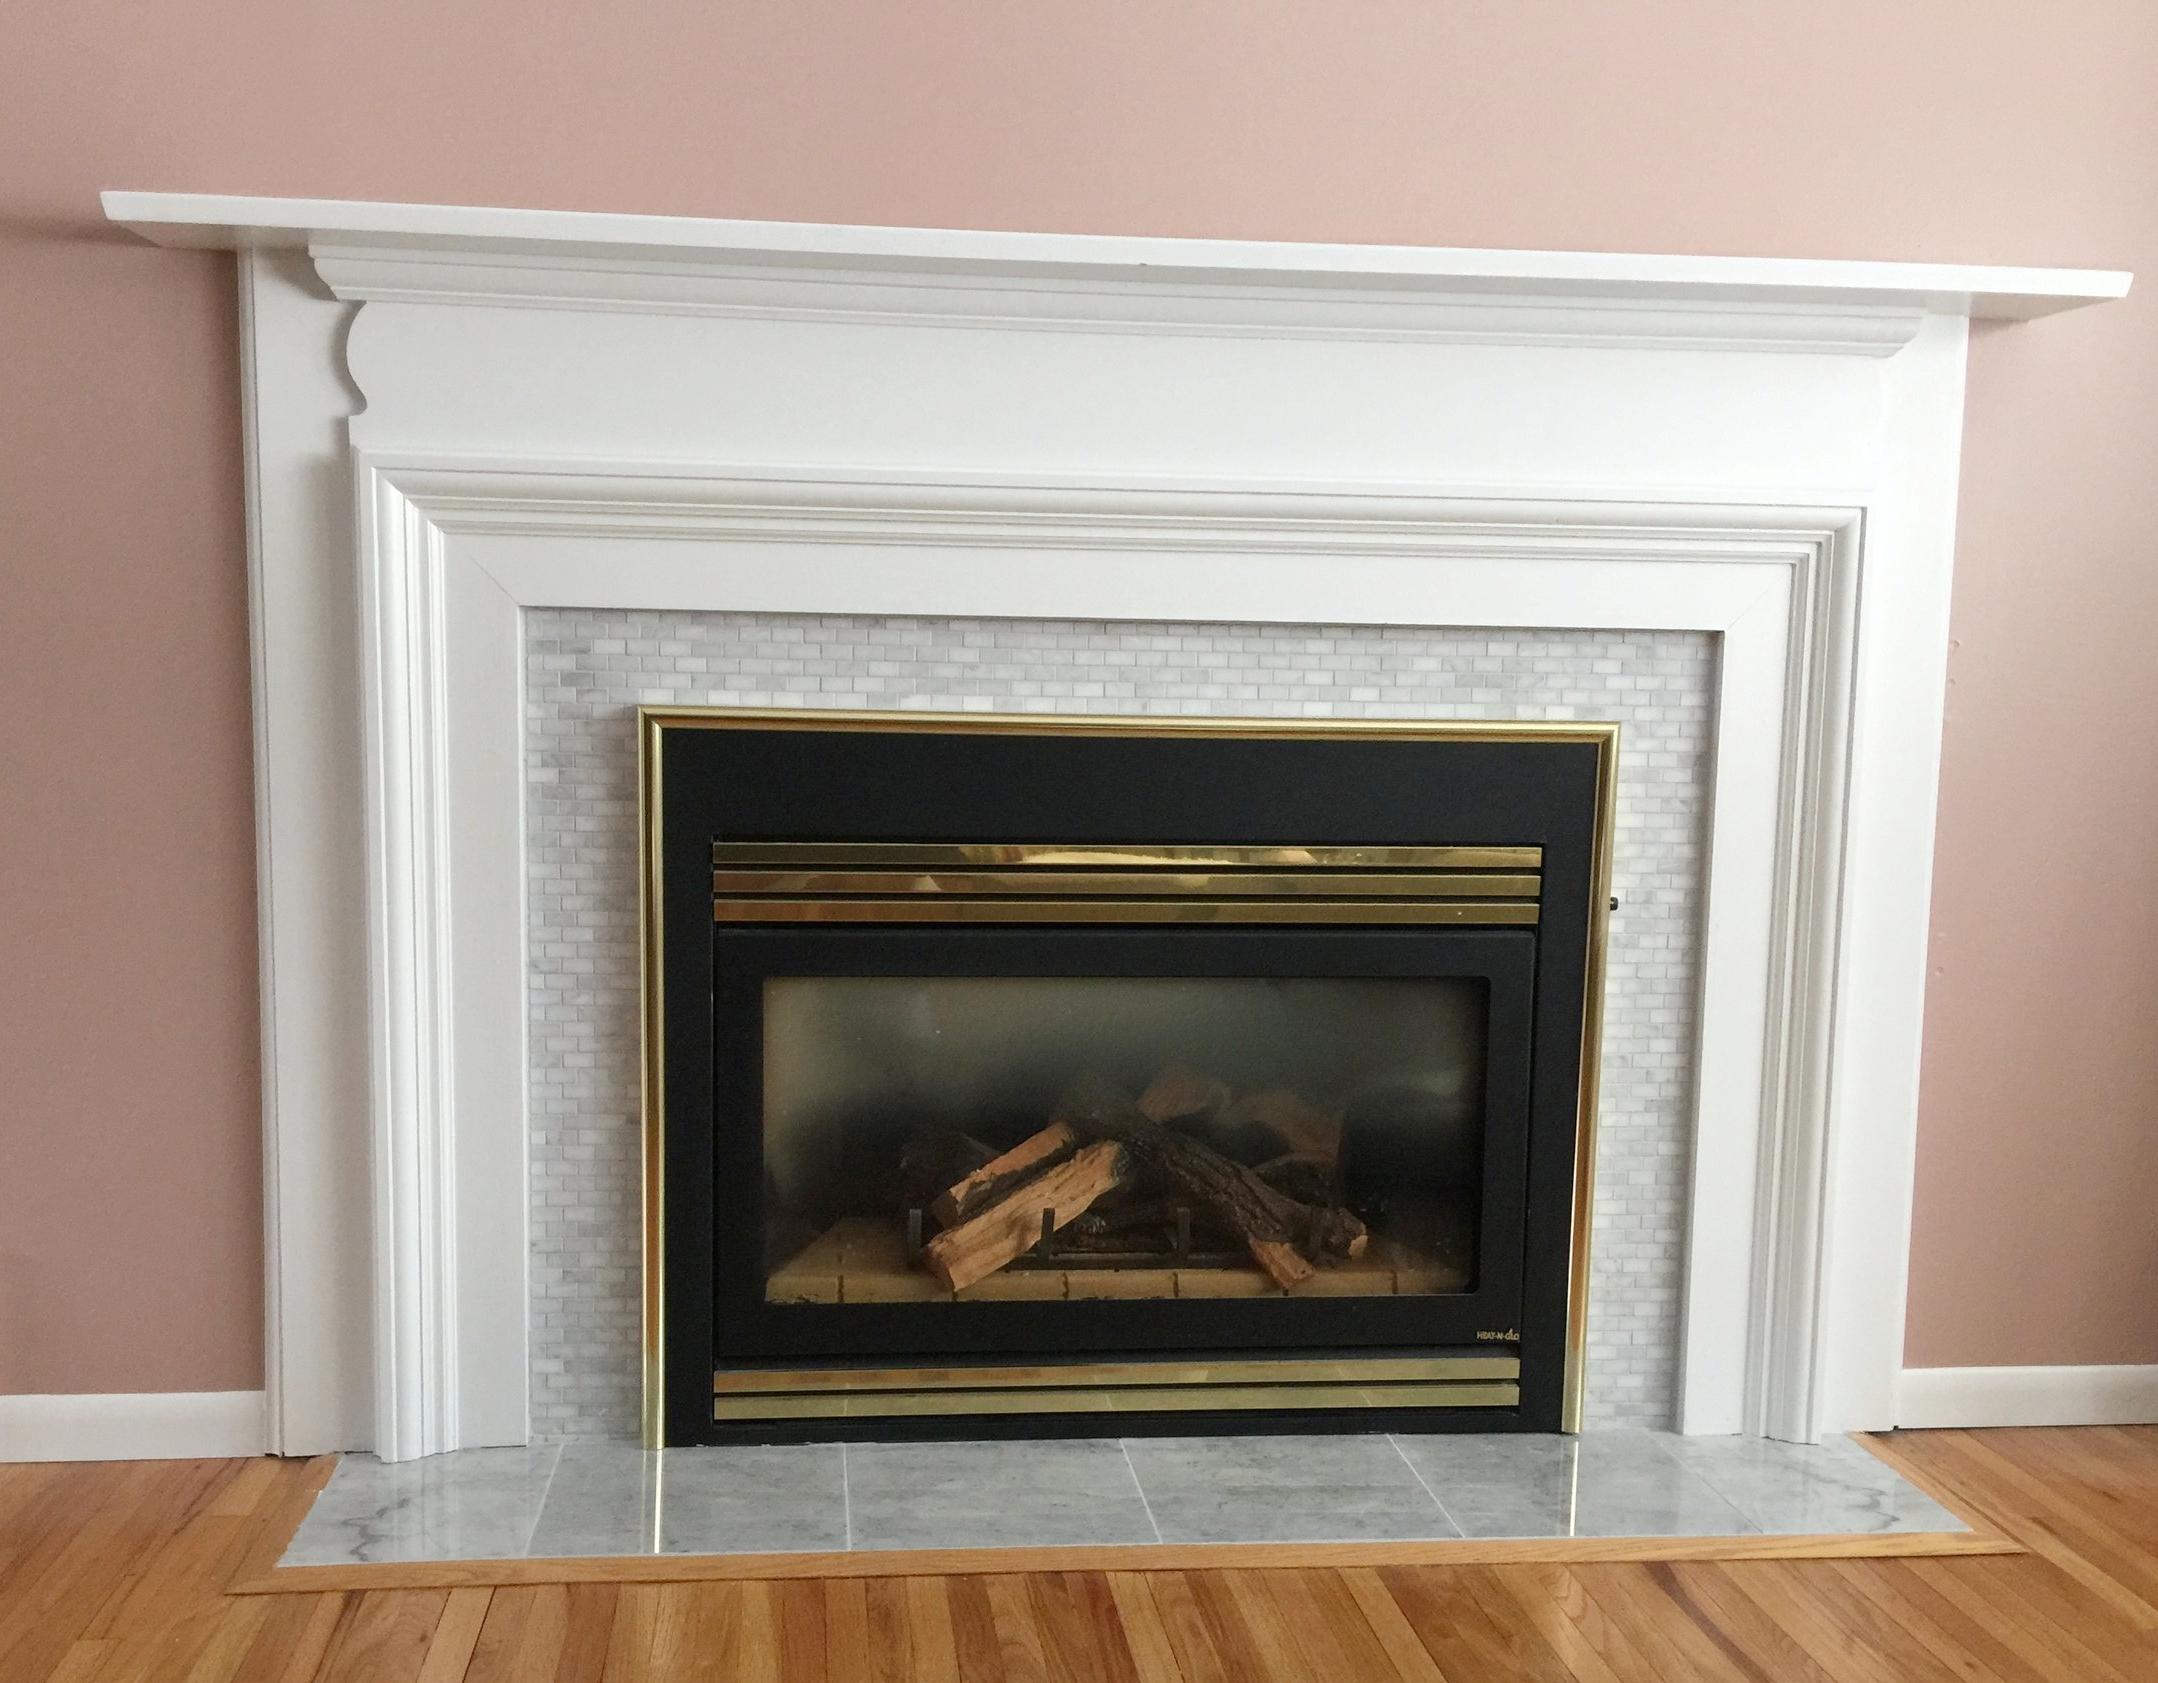 Enameled white fireplace mantel